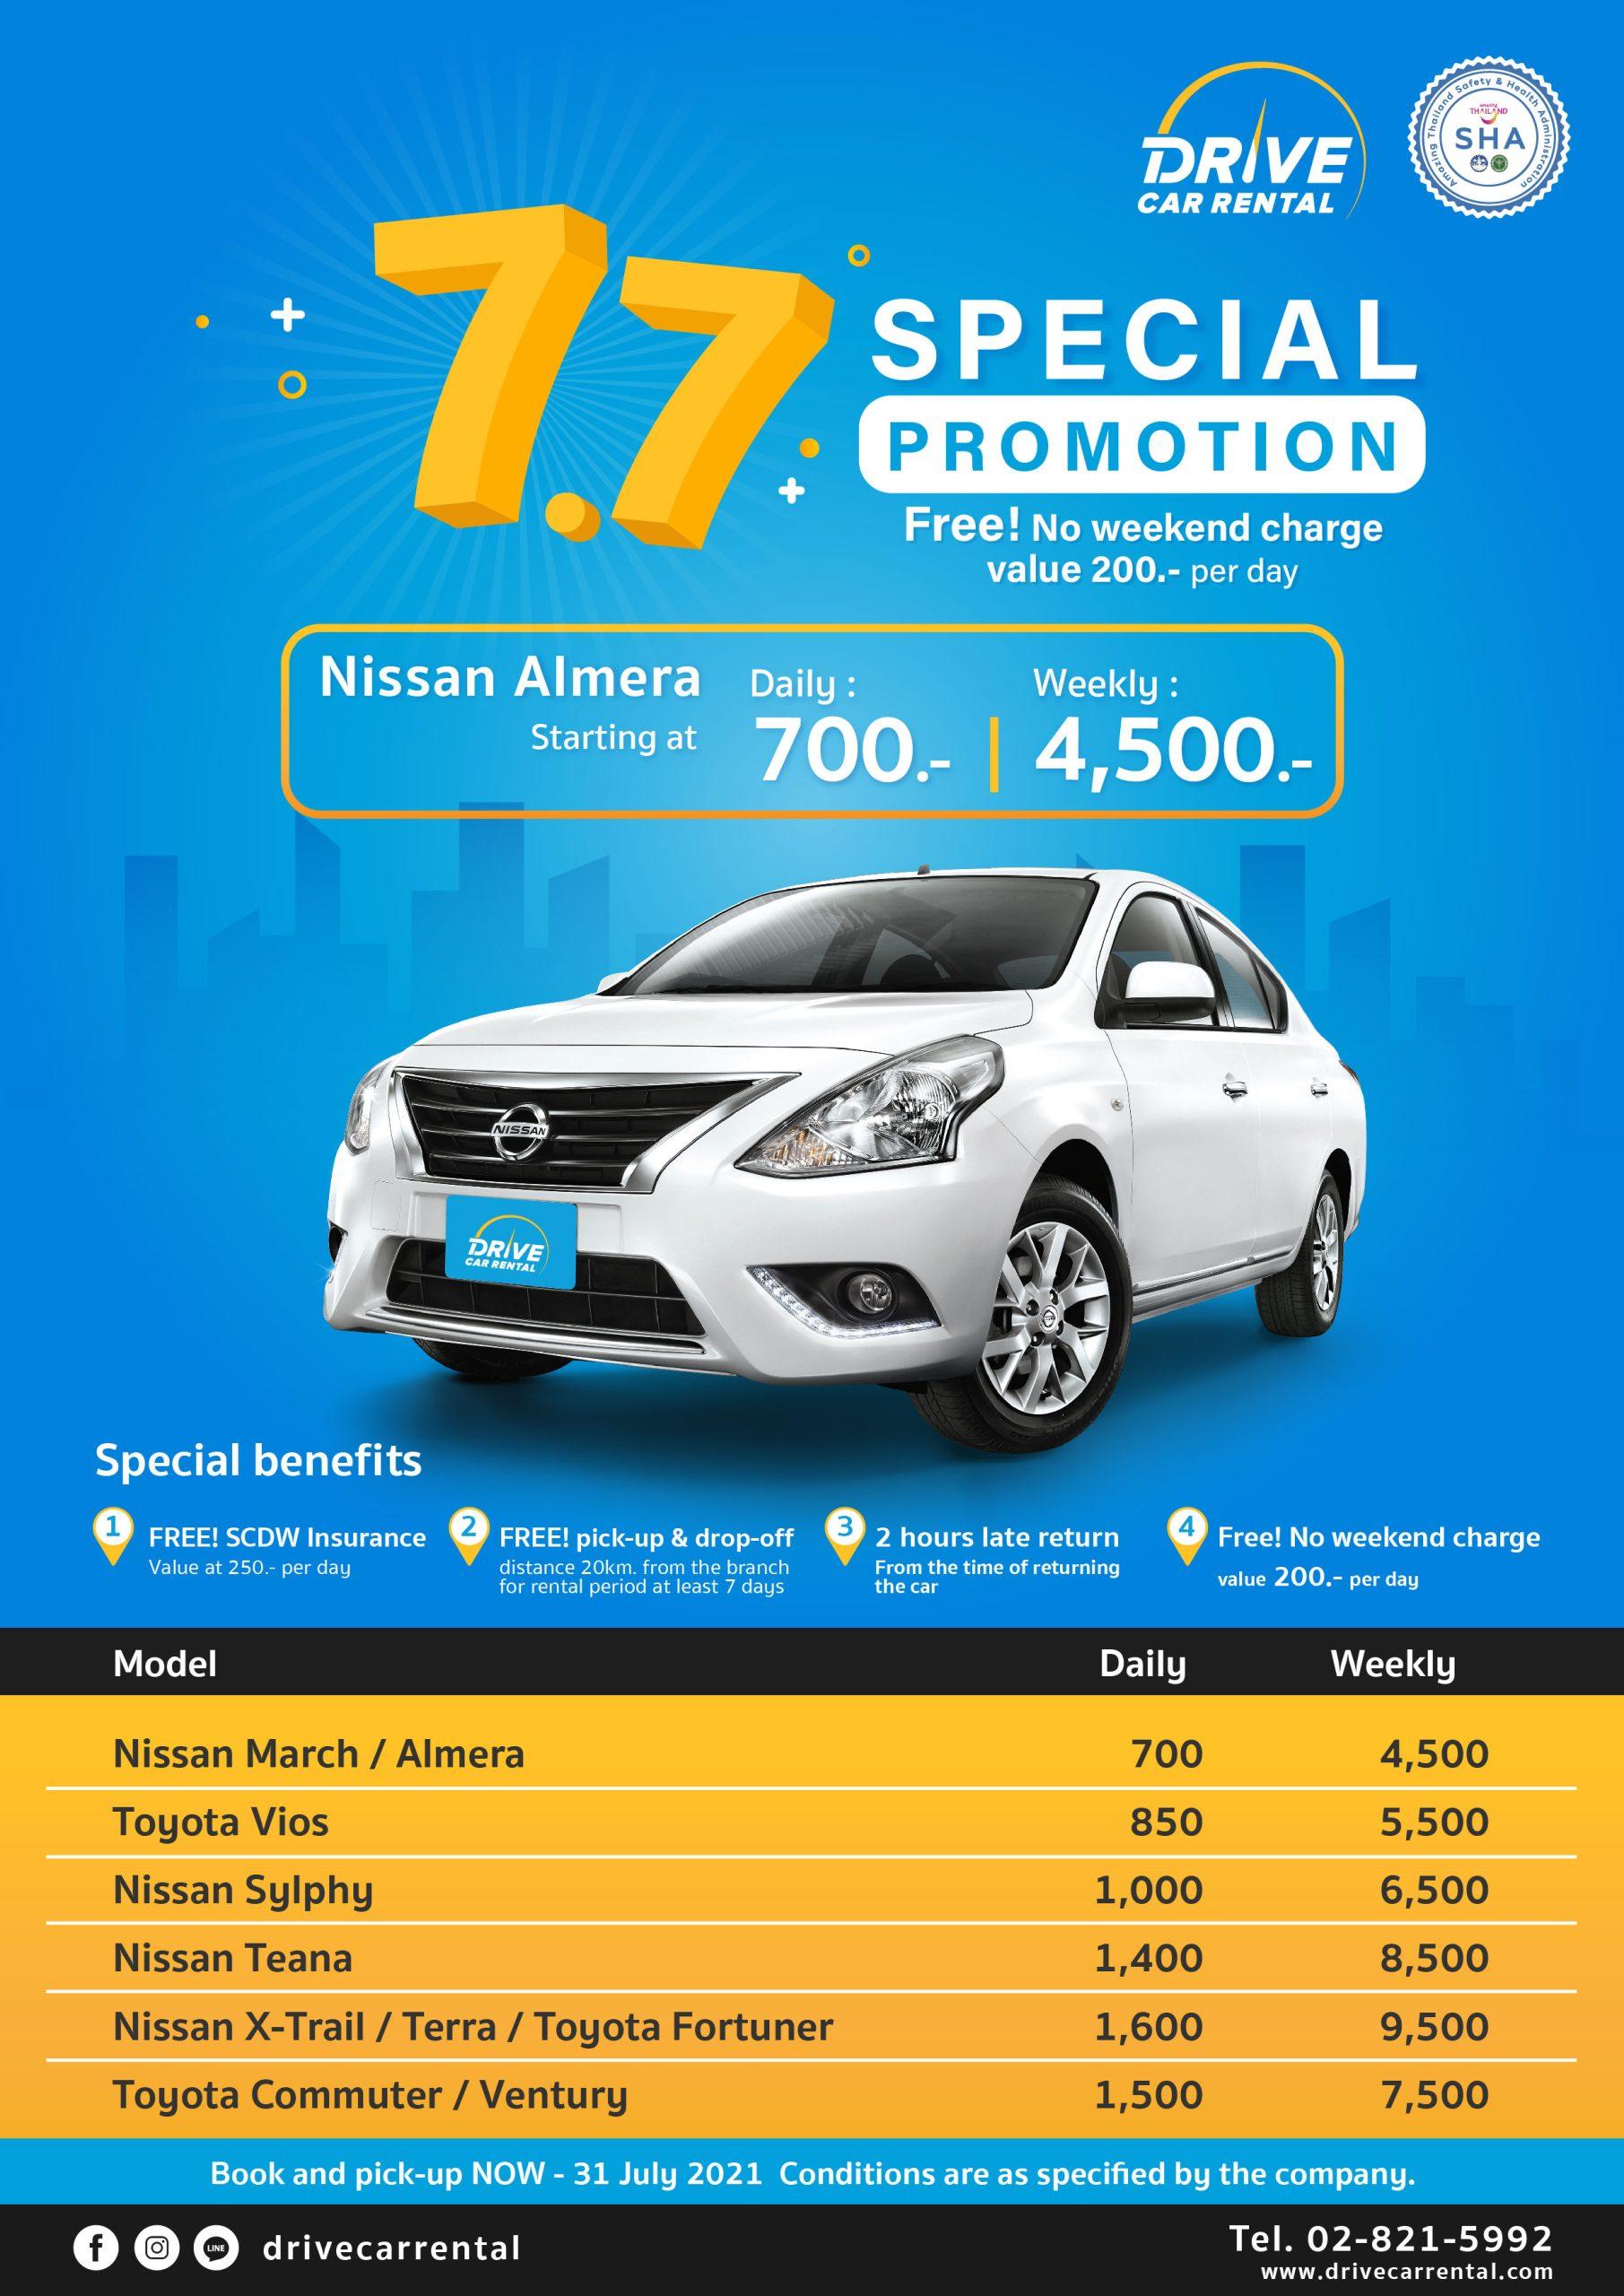 โปรโมชั่น-เช่ารถ-กรกฎาคม-2564-July-Promotion-Rent-Car-CarRental